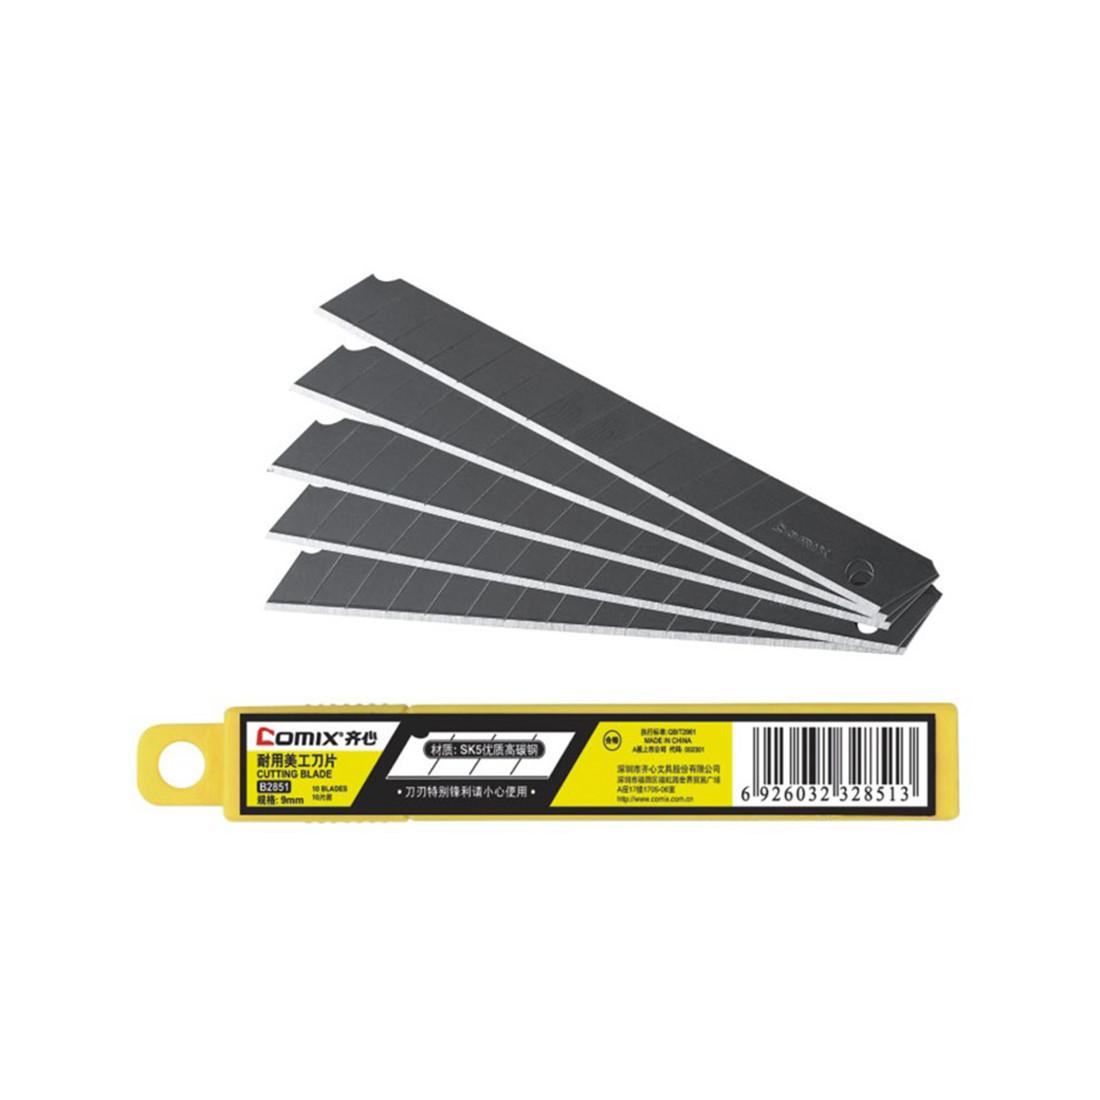 Лезвия для канцелярских ножей Comix (9 мм., 10 лезвий, Стальные)